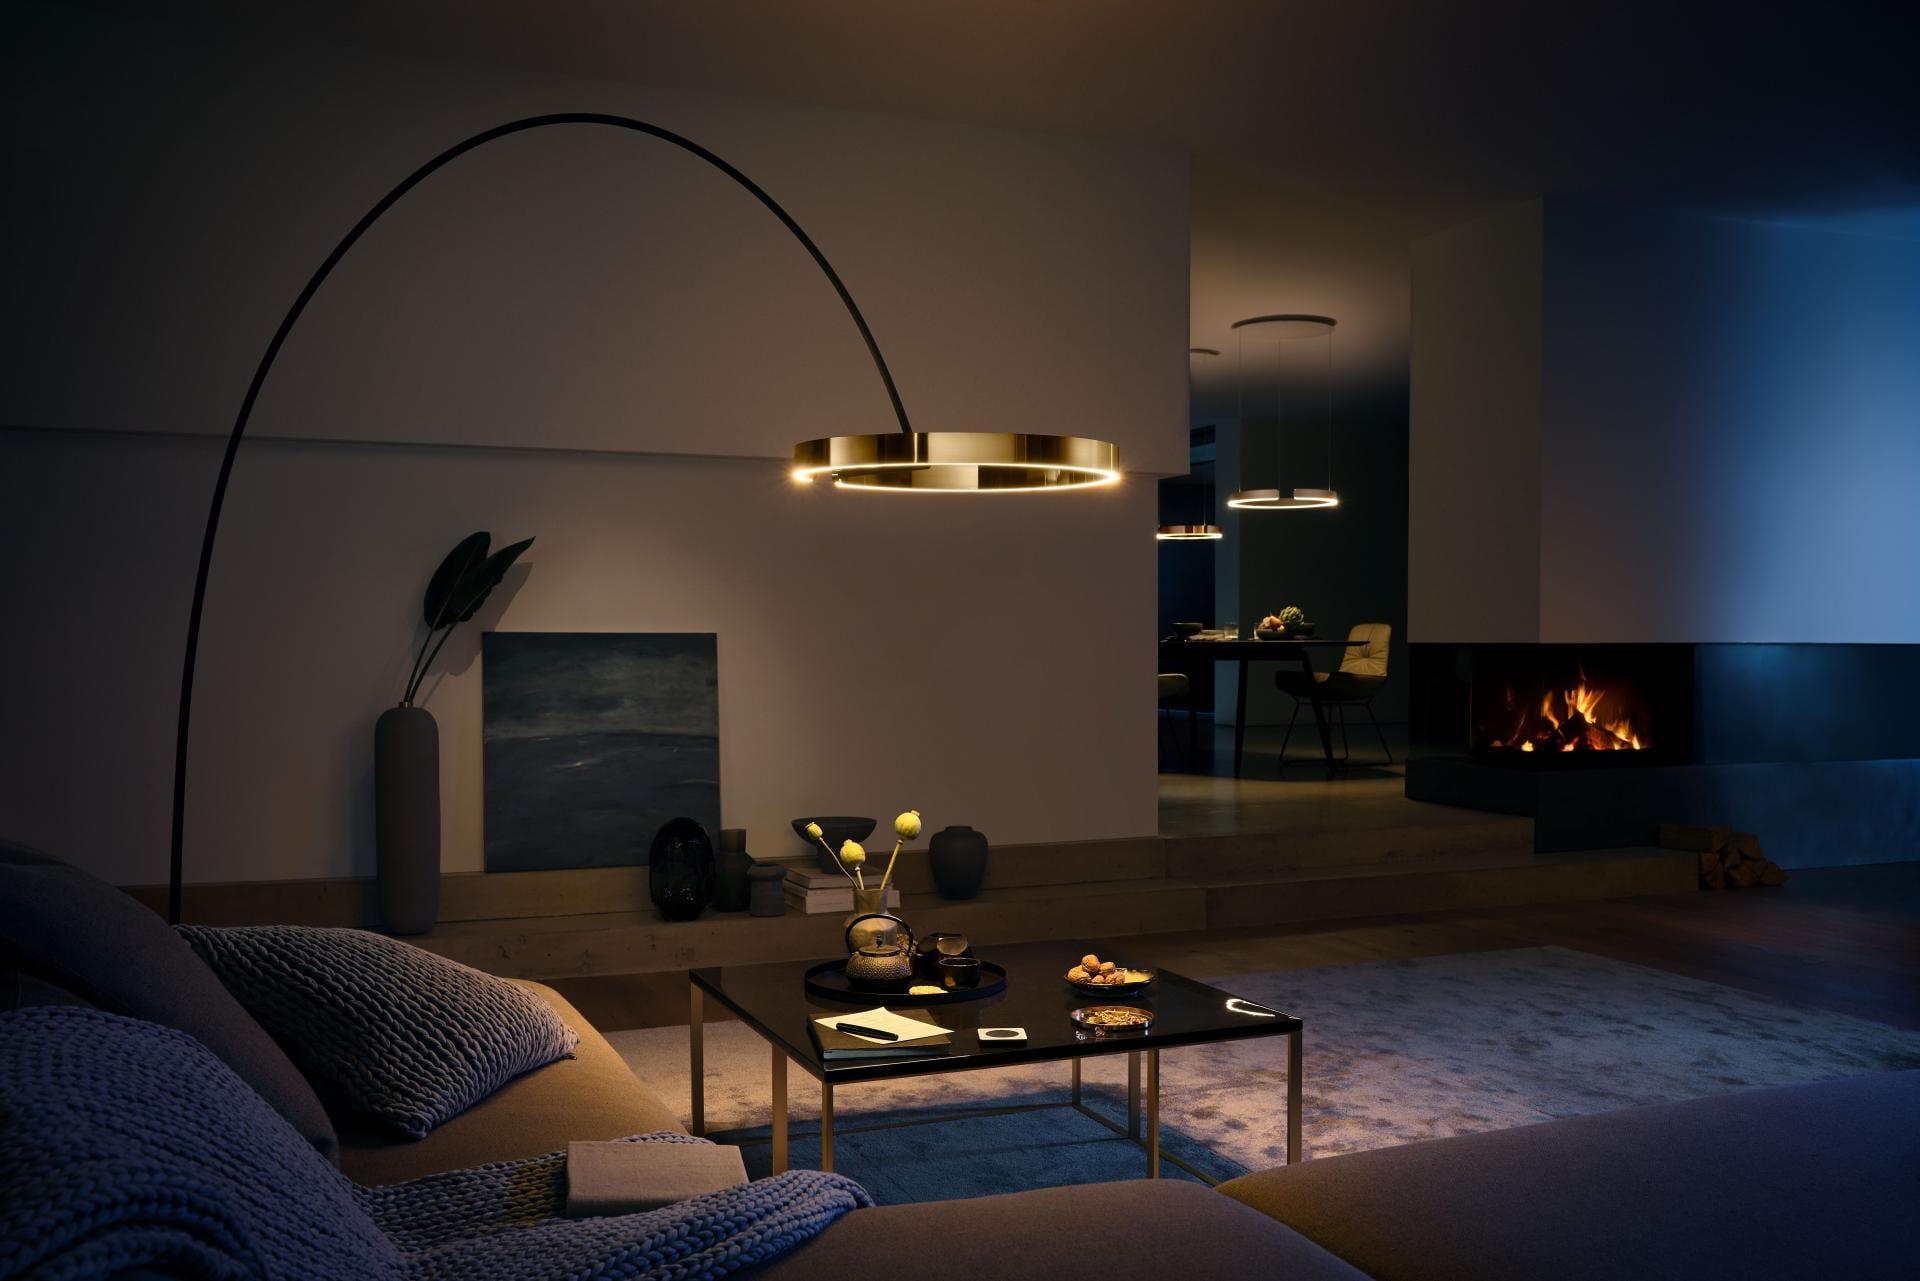 asco lights - residential lighting